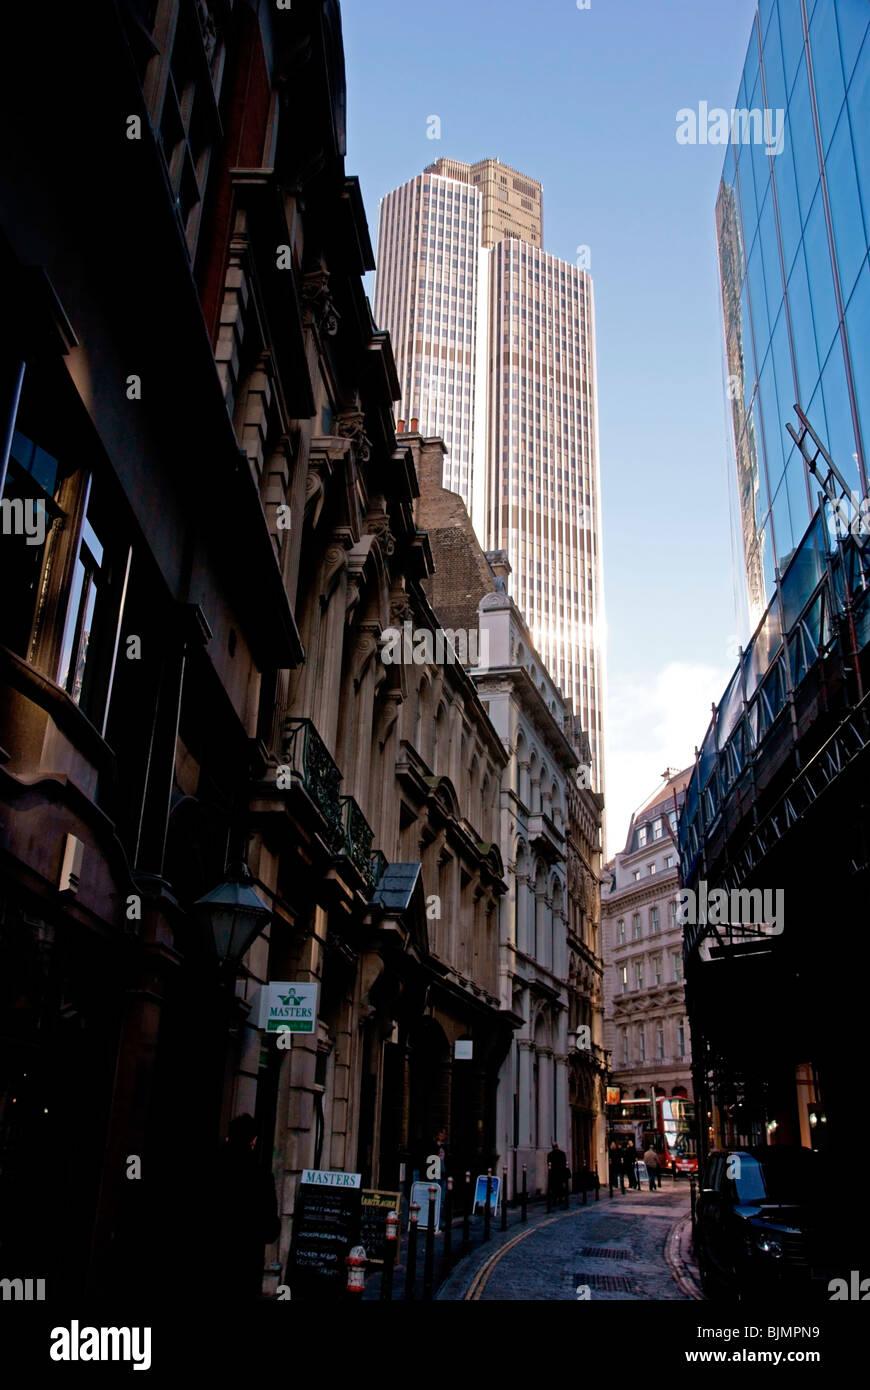 London City Seitenstraße mit Tower 42 im Hintergrund Stockbild